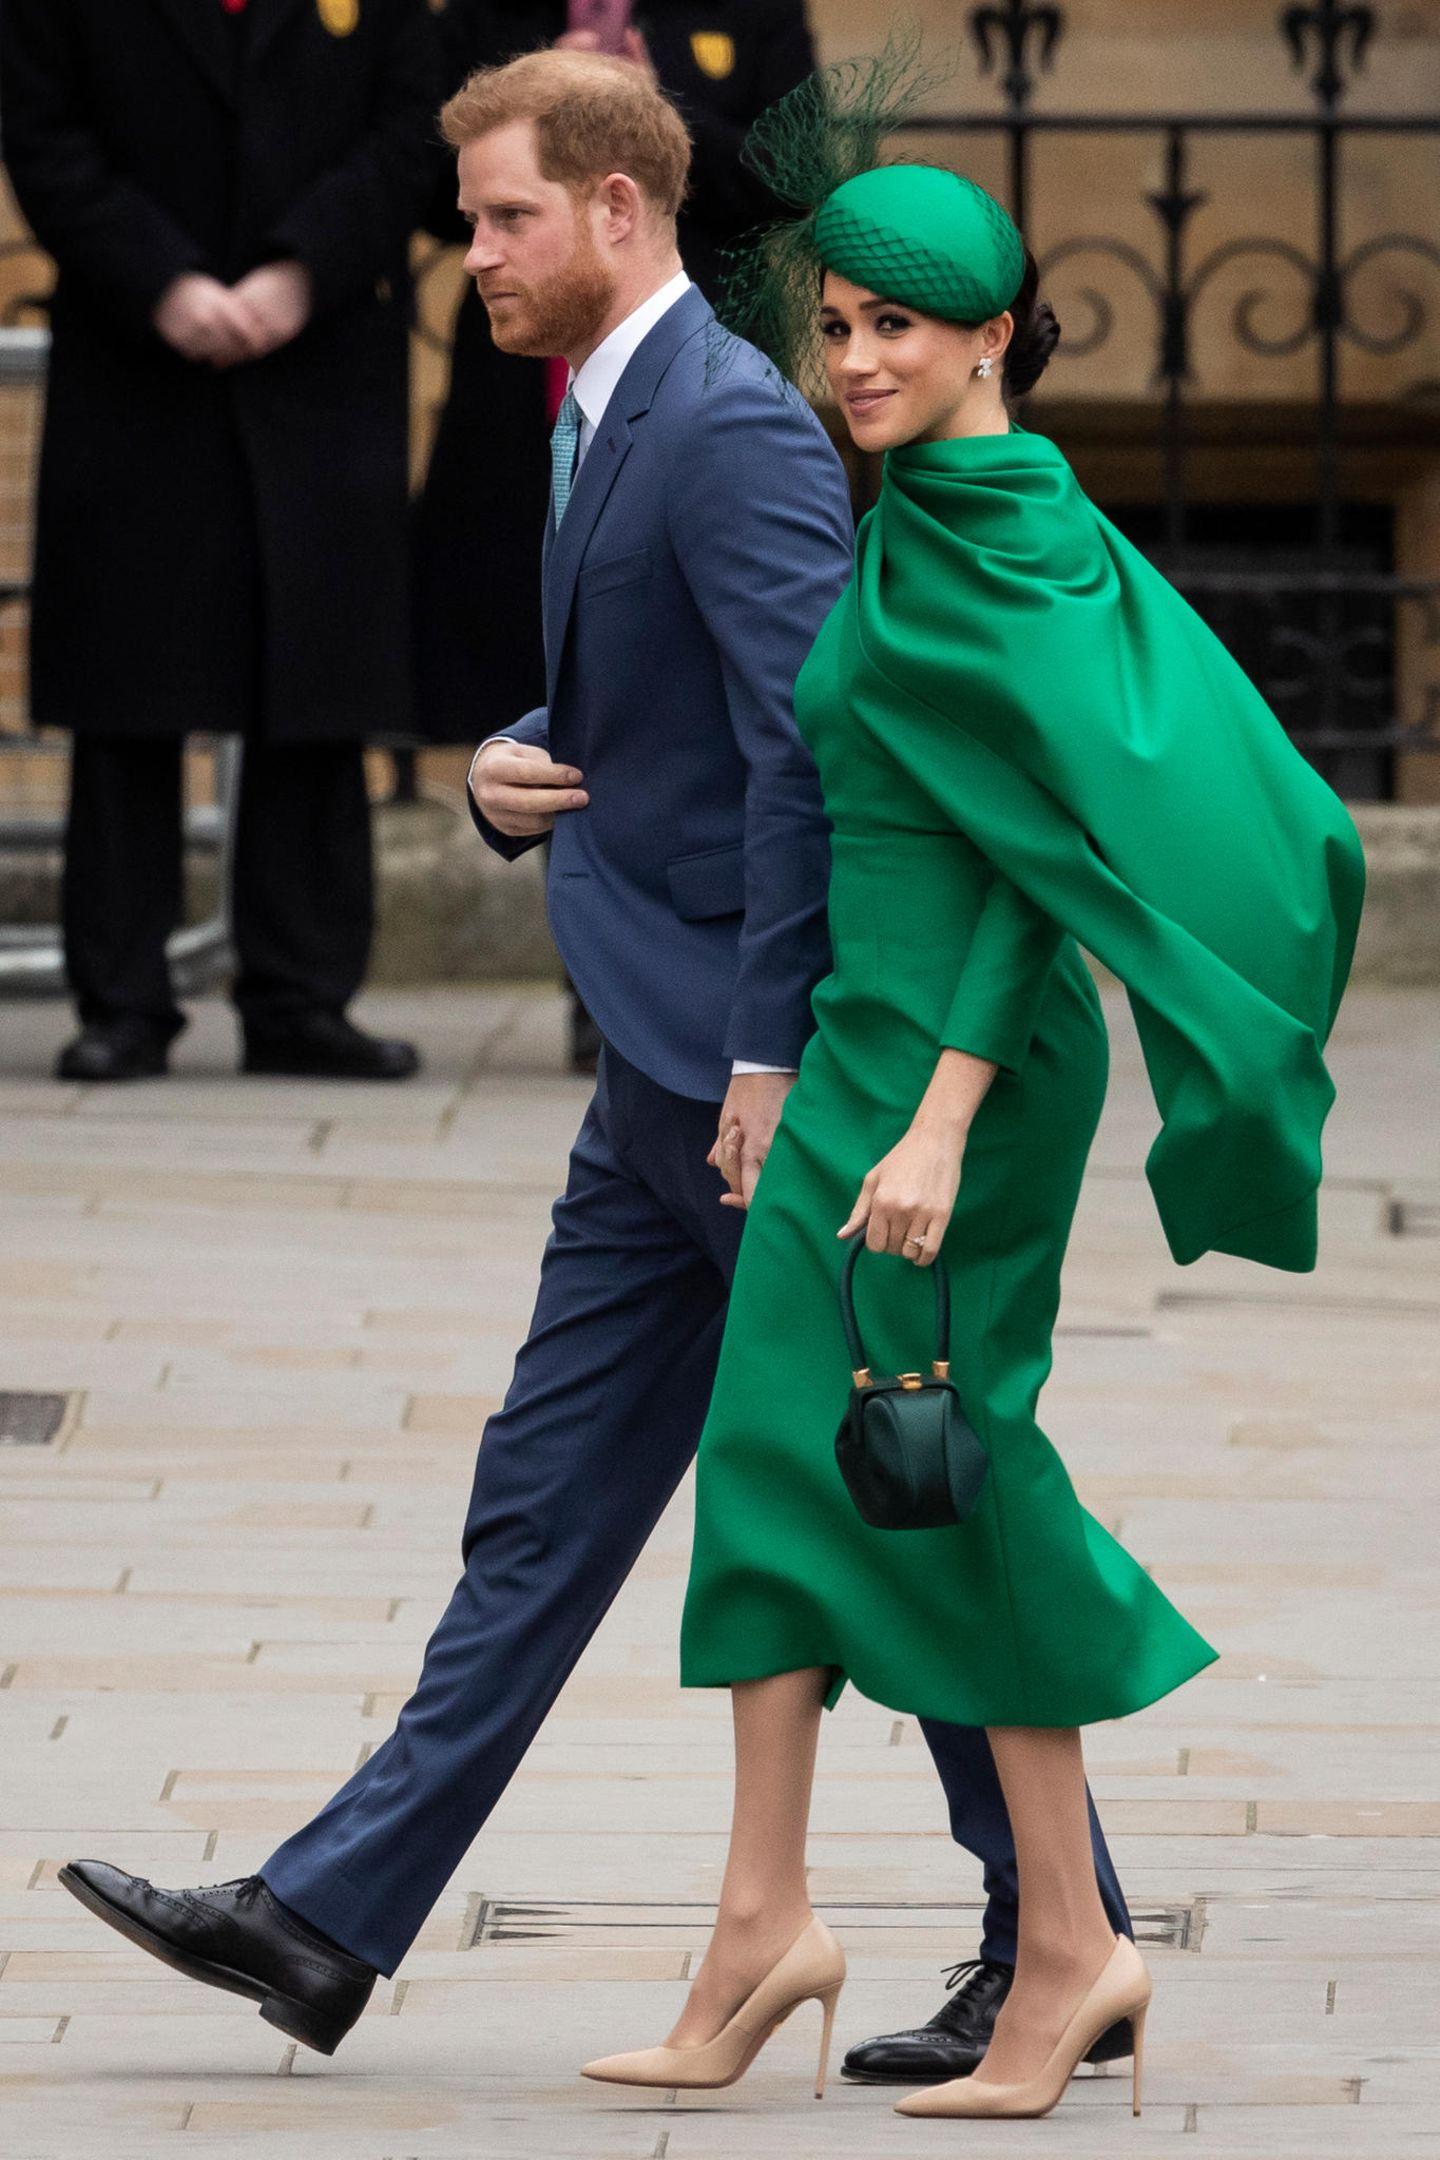 ... nämlich von Herzogin Meghan! Die war schon auf mehreren Terminen mit unterschiedlichen Taschen der Designerin Gabriela Hearst unterwegs.